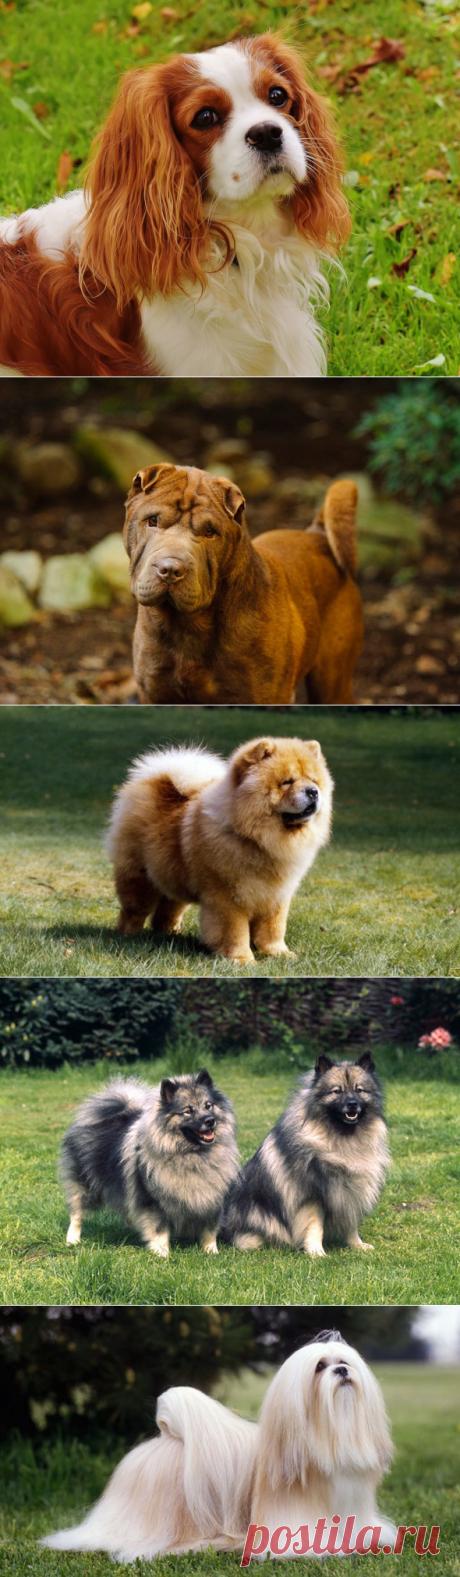 7 пород собак, с которыми не нужно долго гулять | PetTips